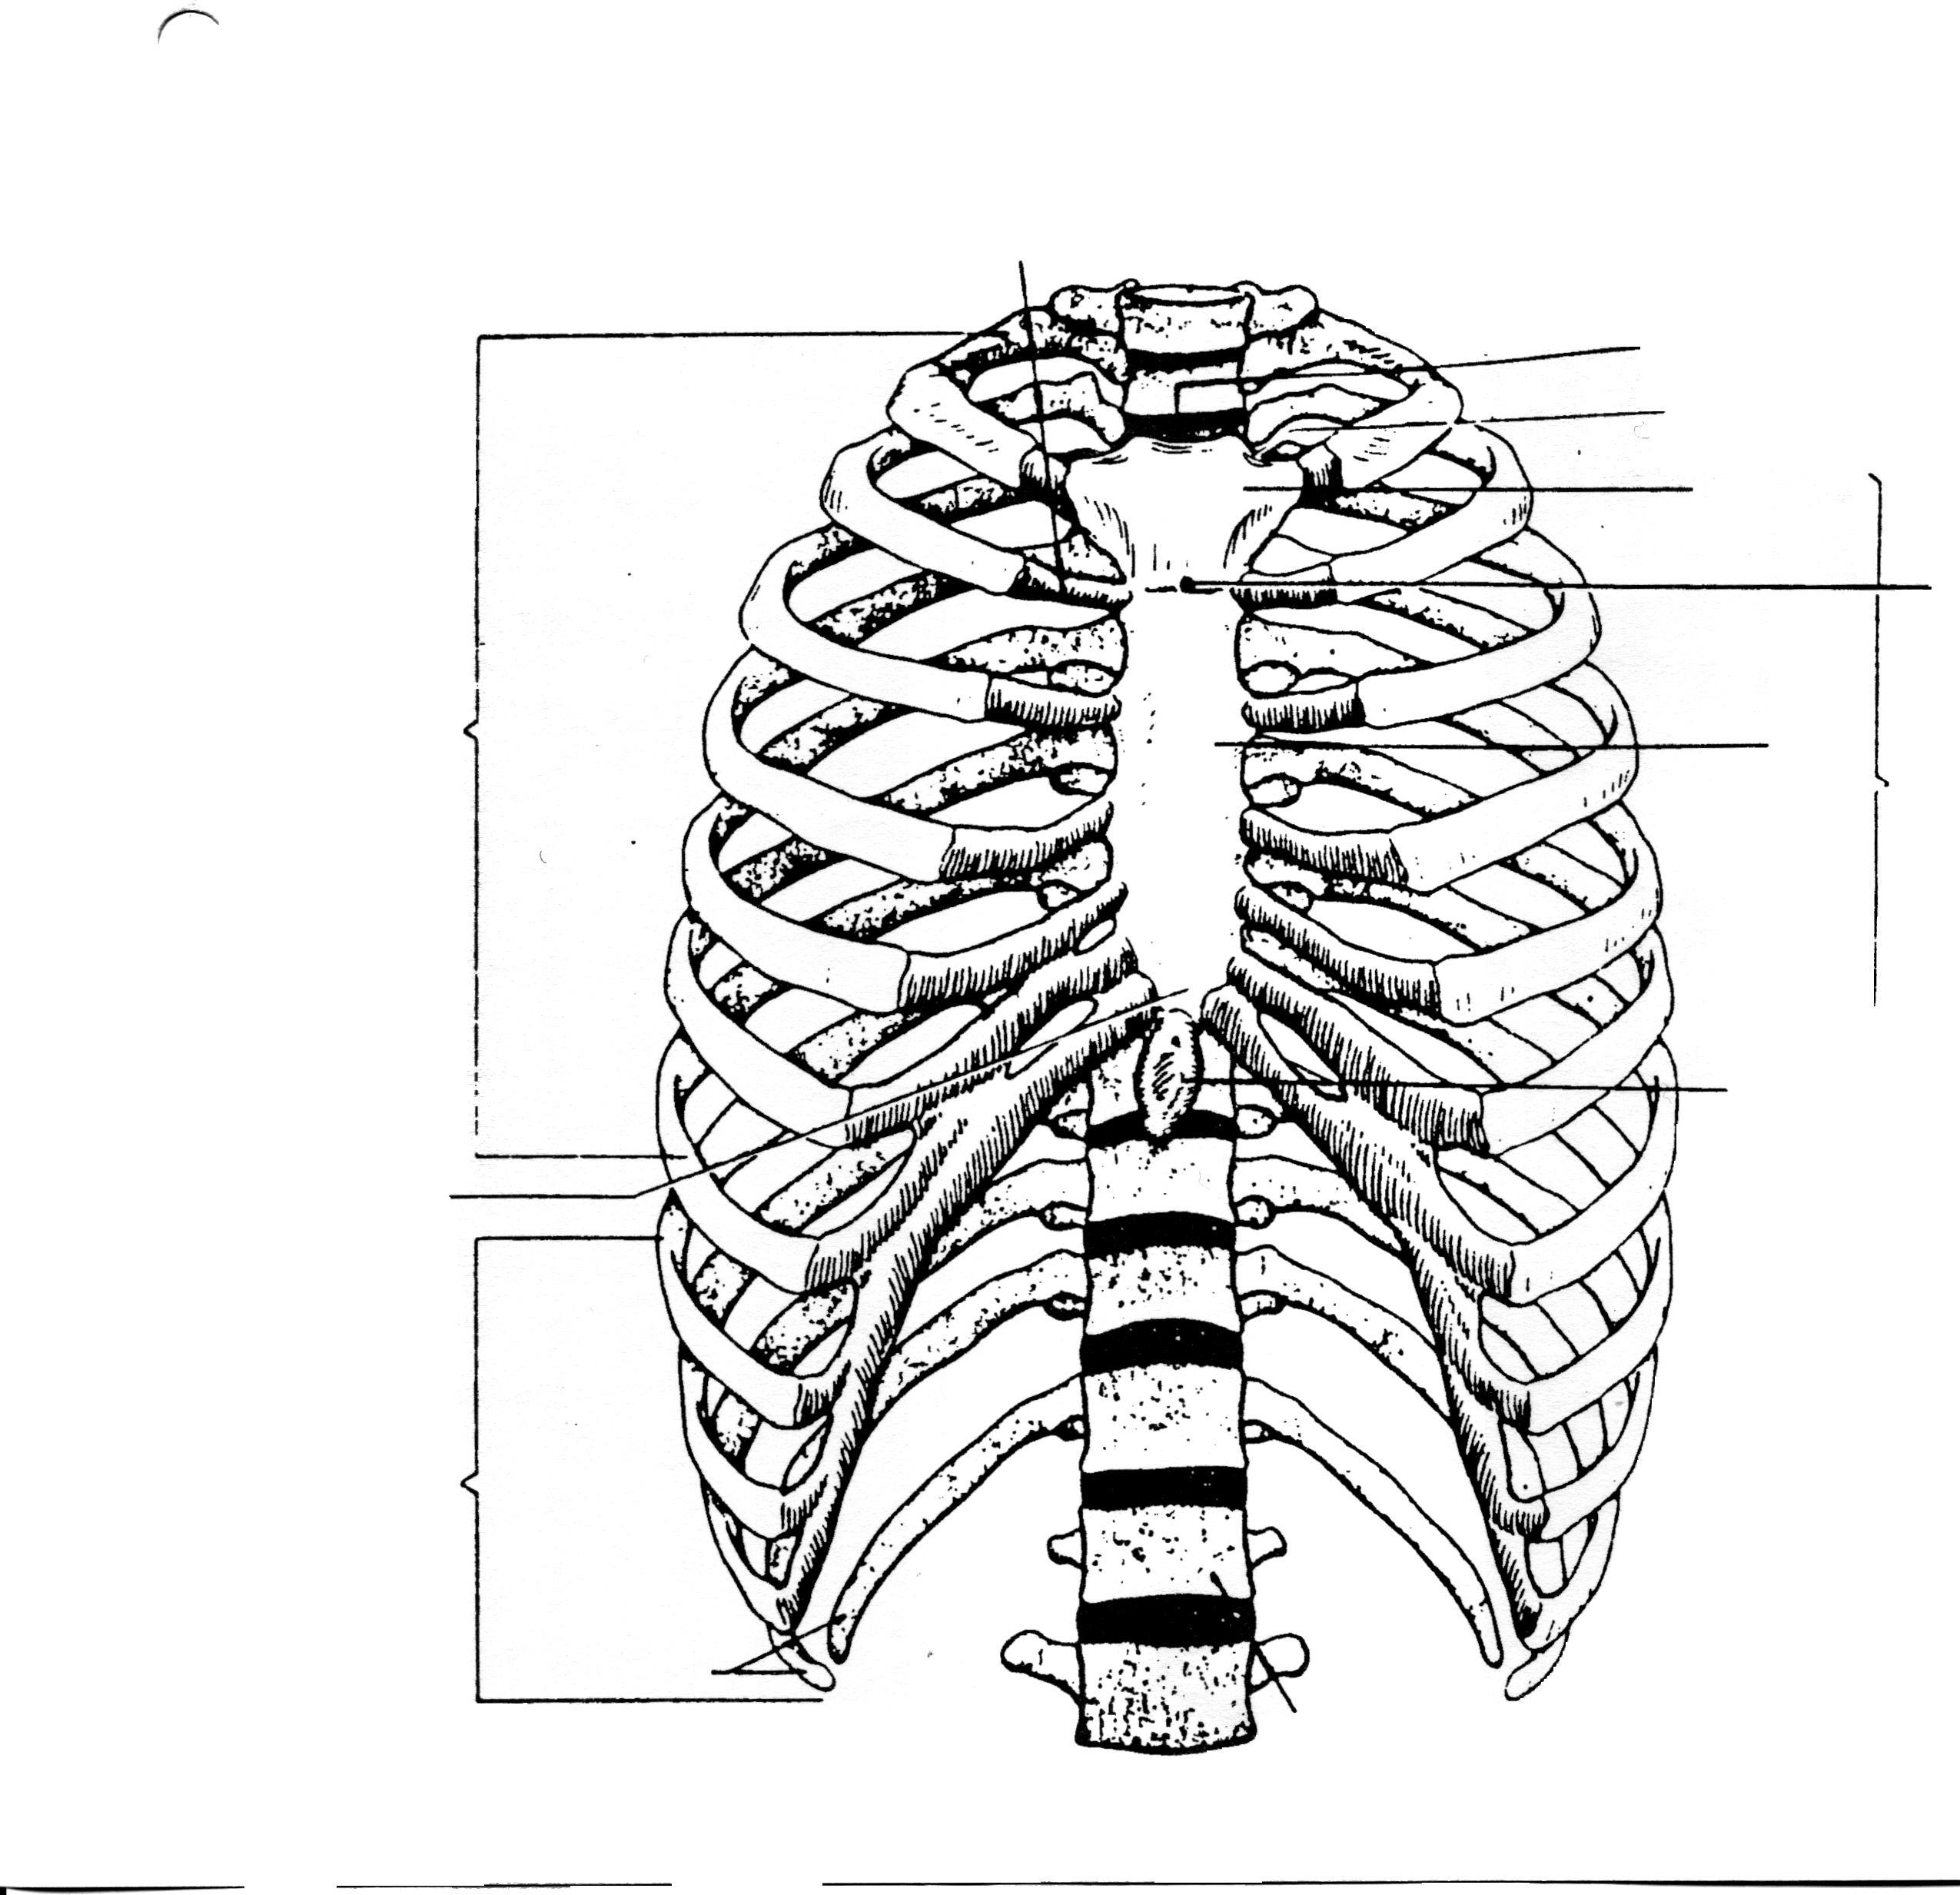 human rib cage drawing at getdrawings com